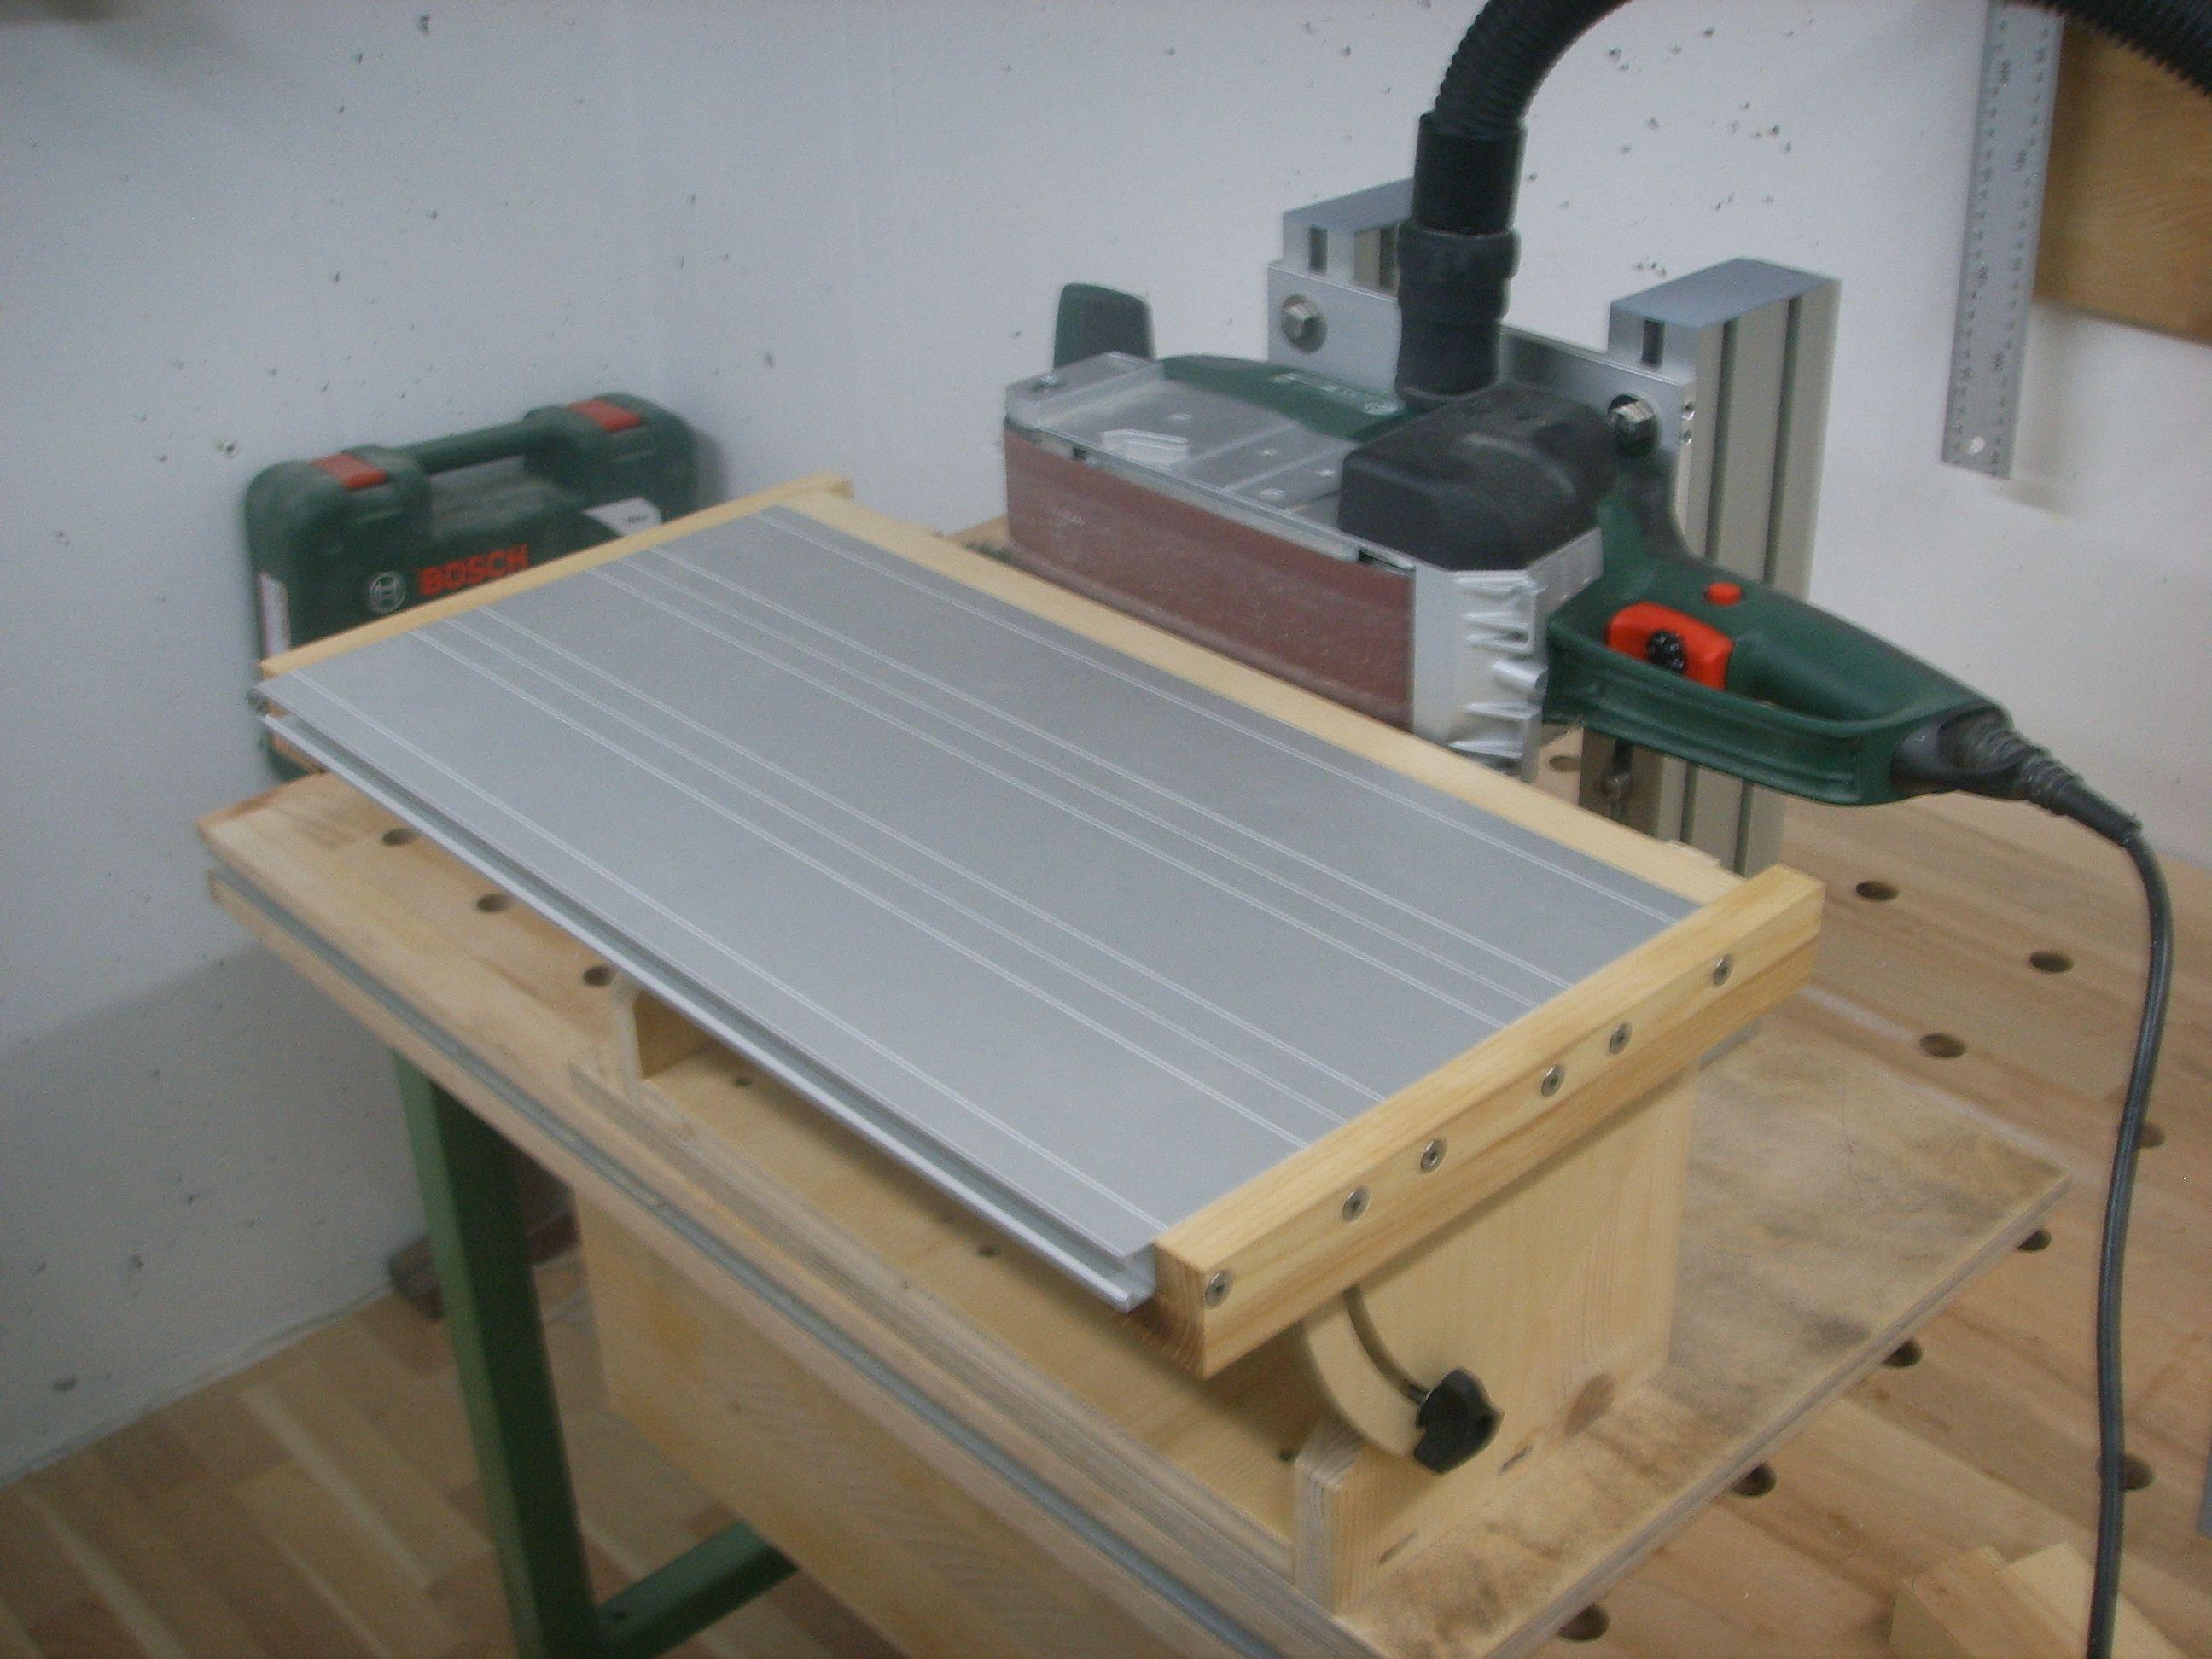 Werkstatteinrichtung selber bauen  Bandschleifer Stationäreinrichtung Bauanleitung zum selber bauen ...